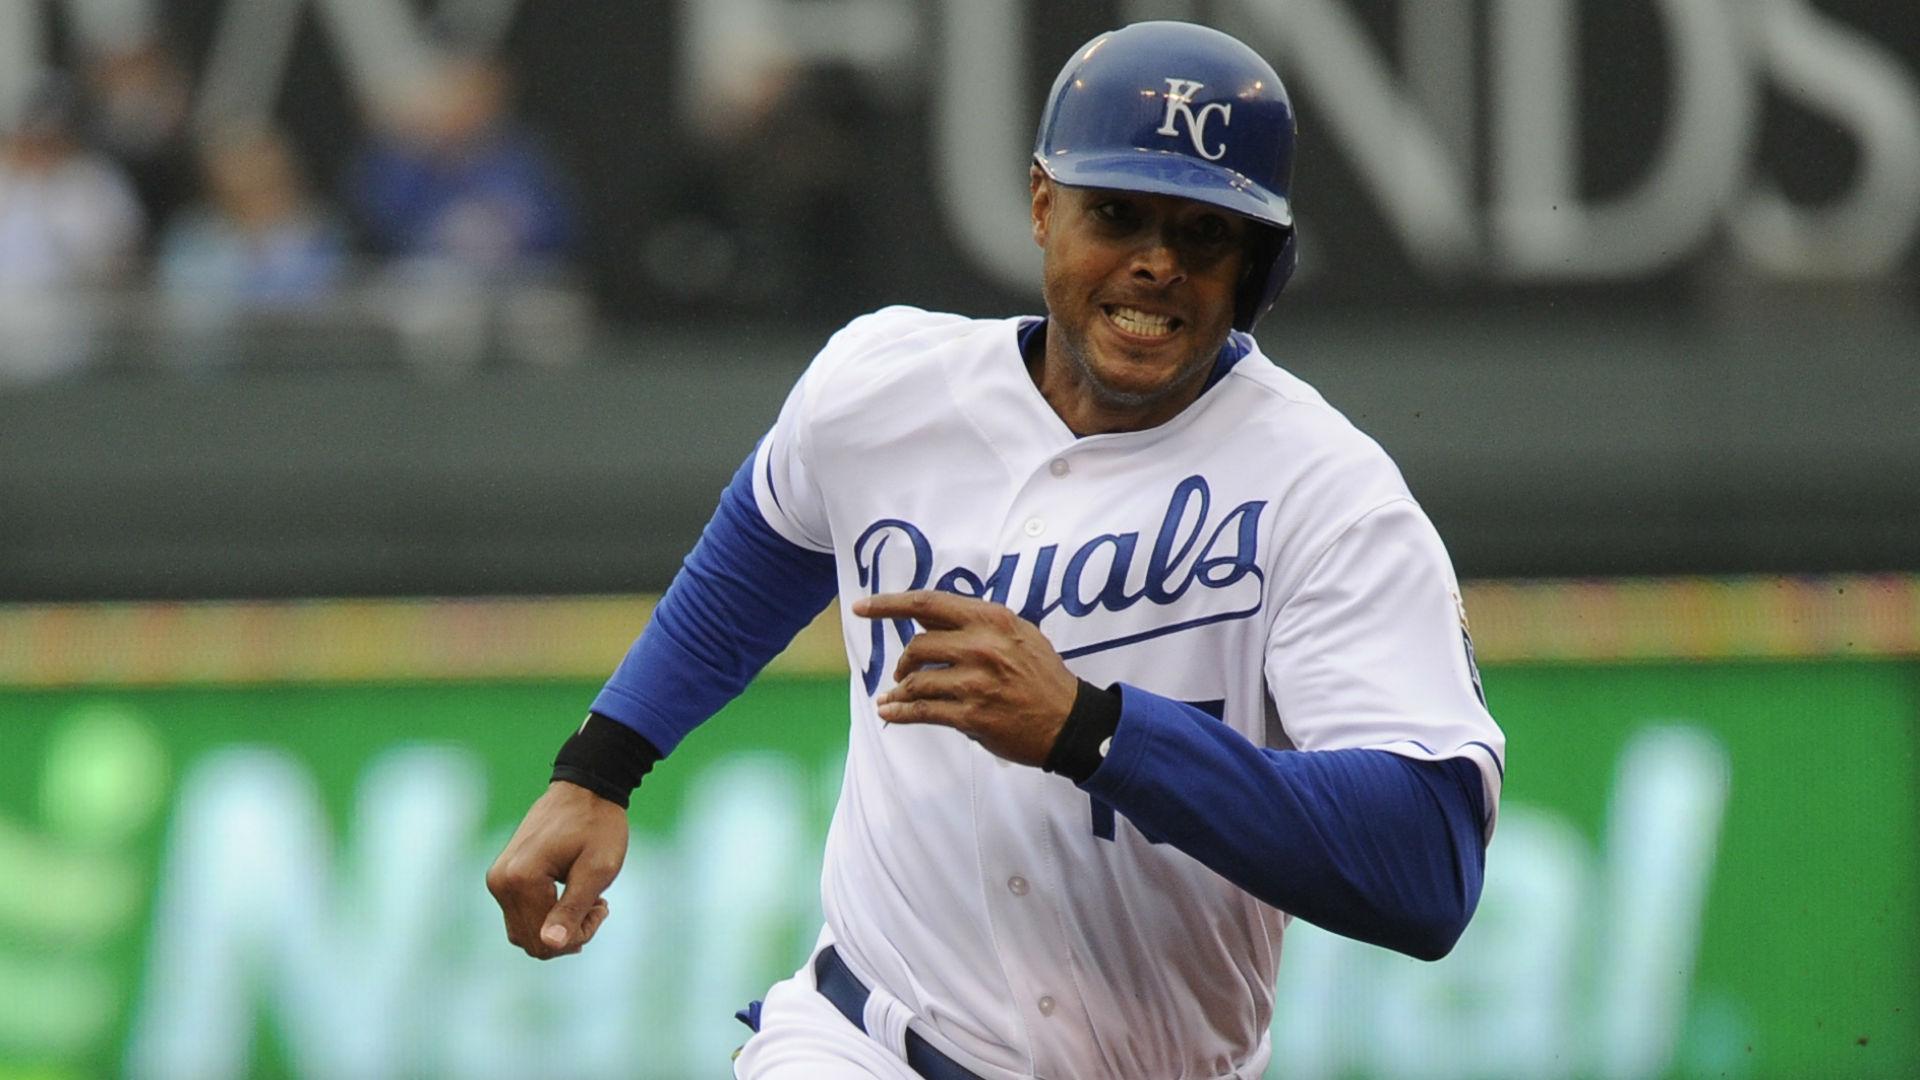 Royals outfielder Alex Rios